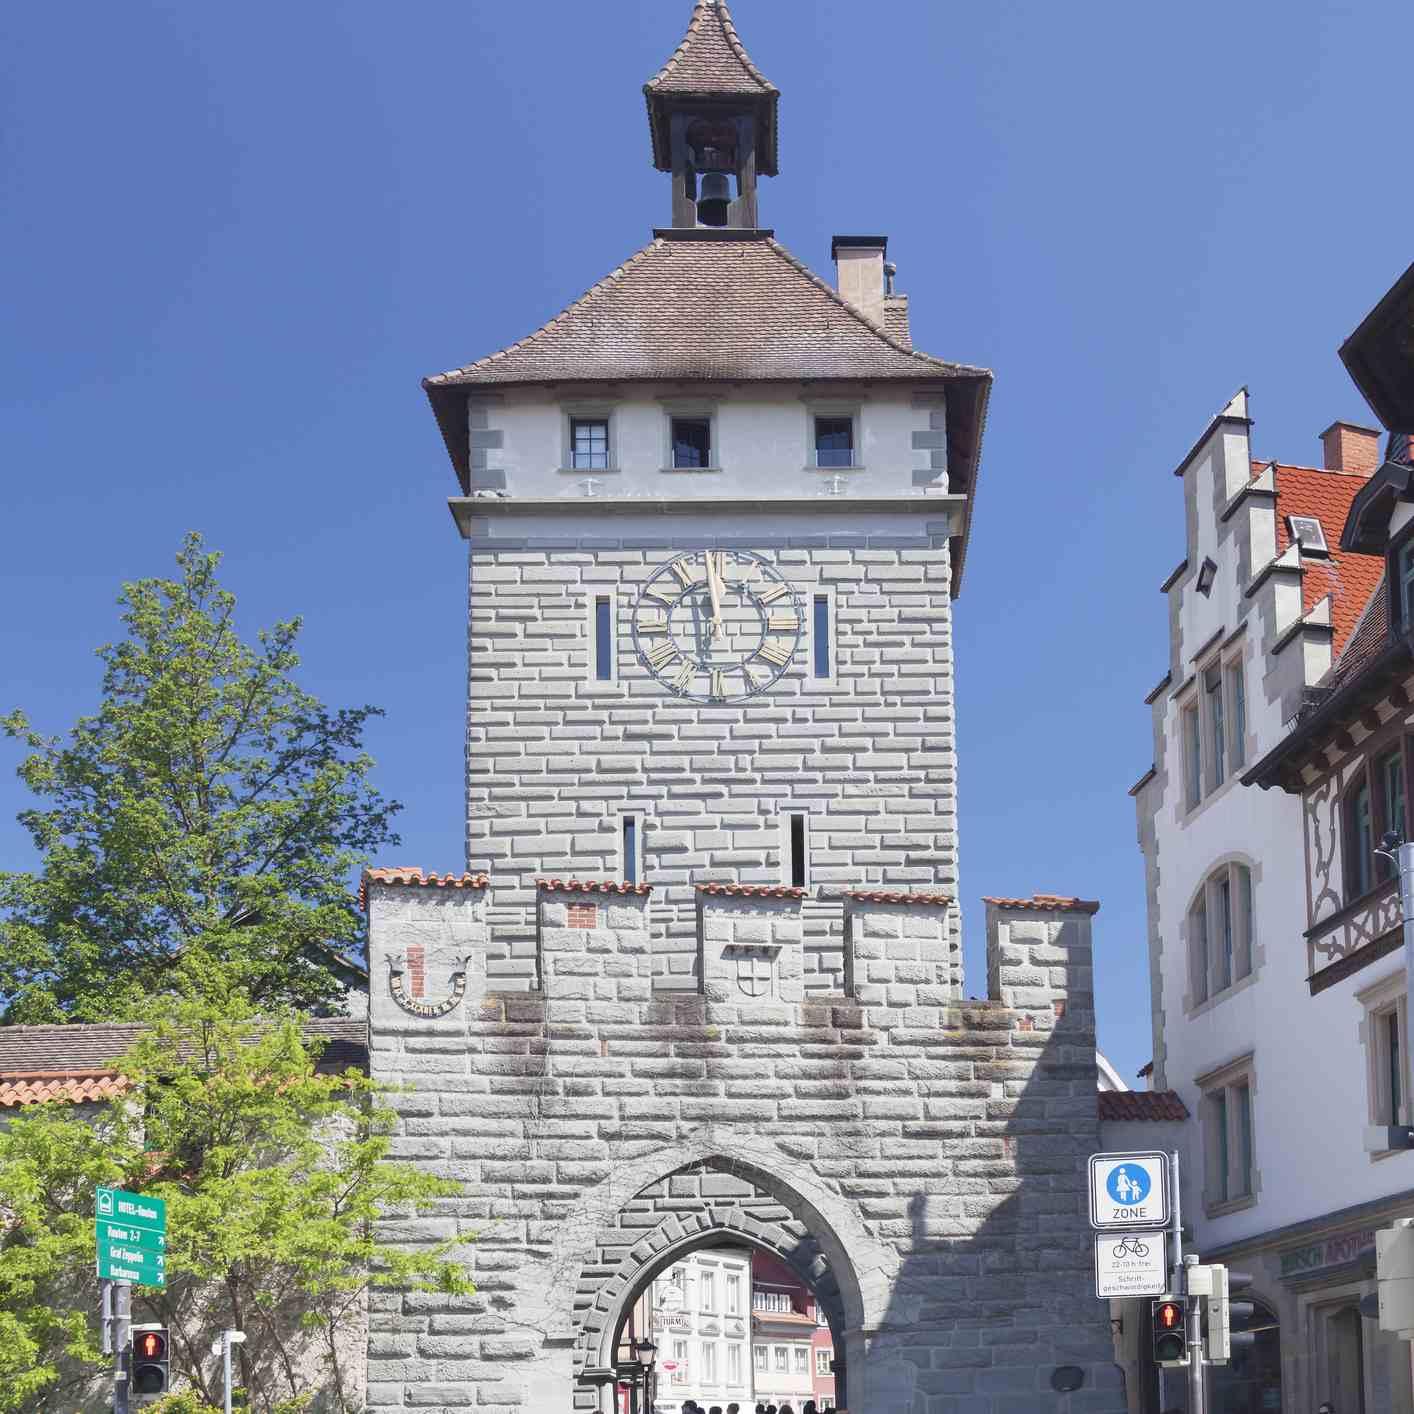 Schnetztor, one of the City Gates in Konstanz